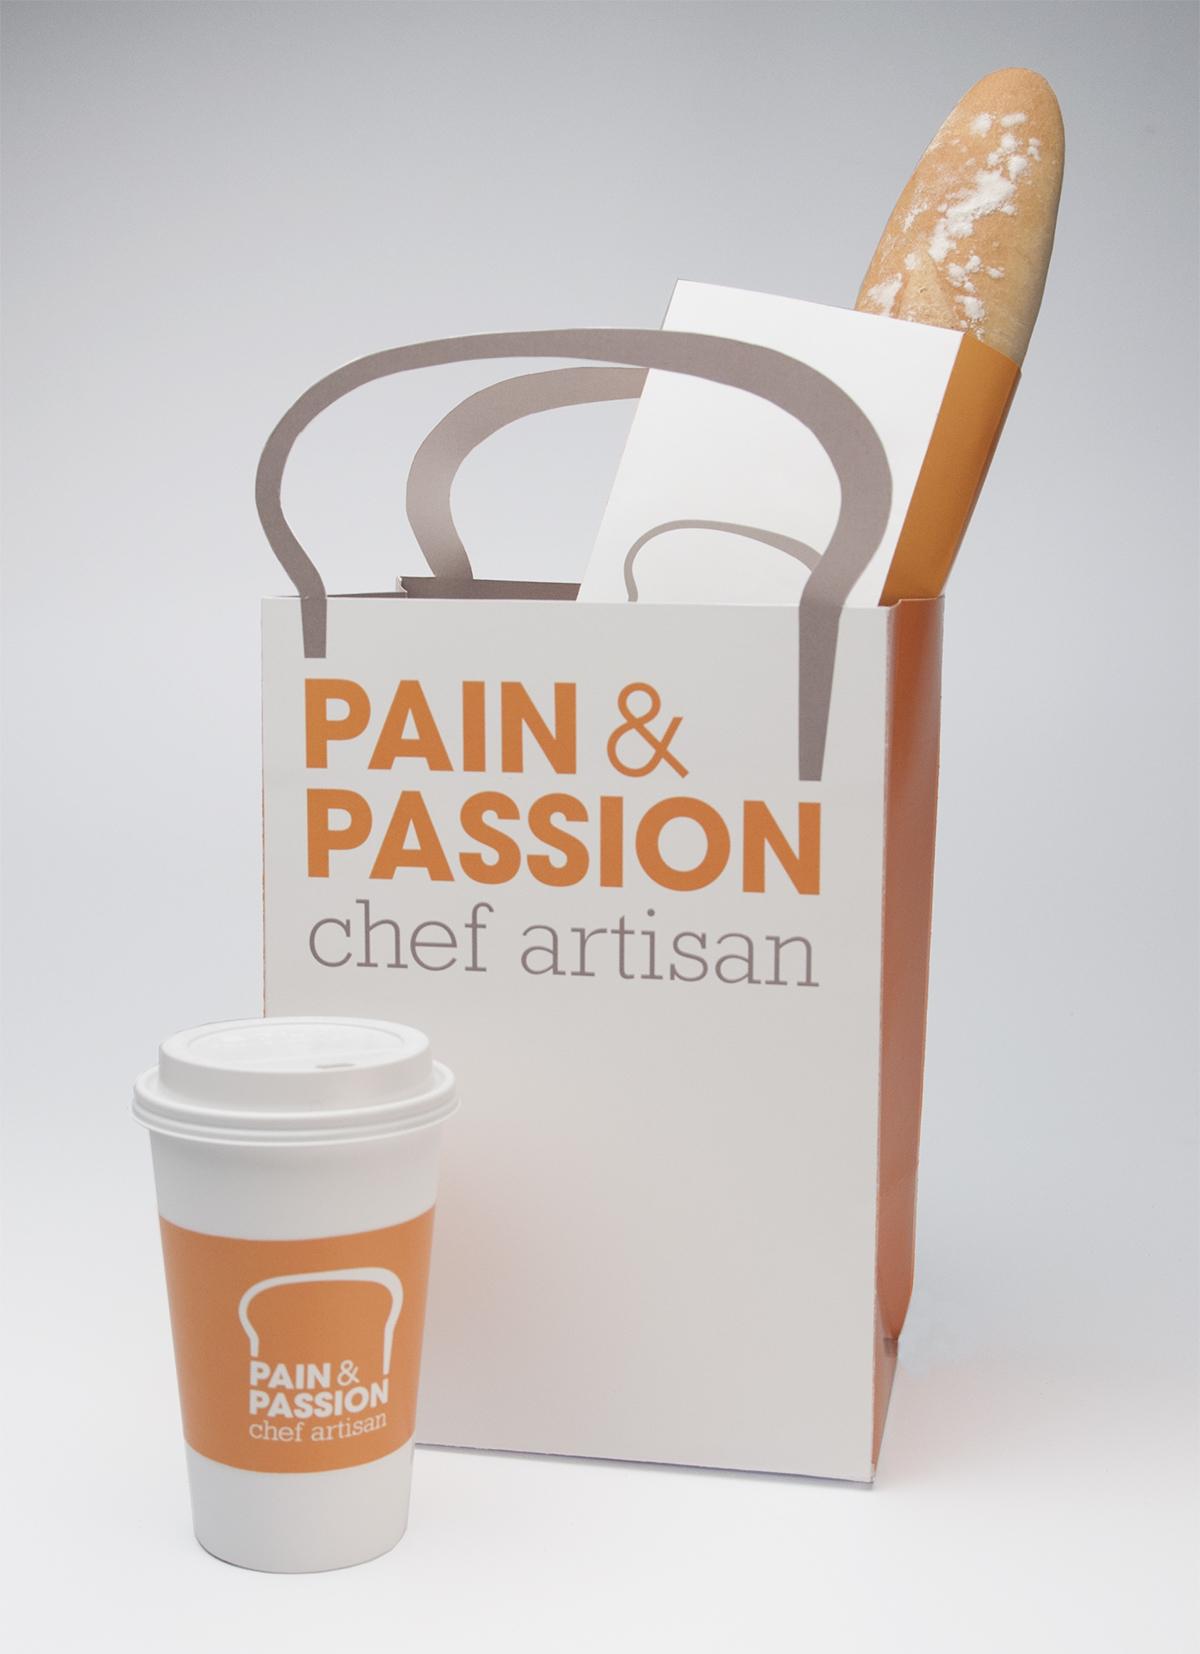 boulangerie,papeterie,pain,passion